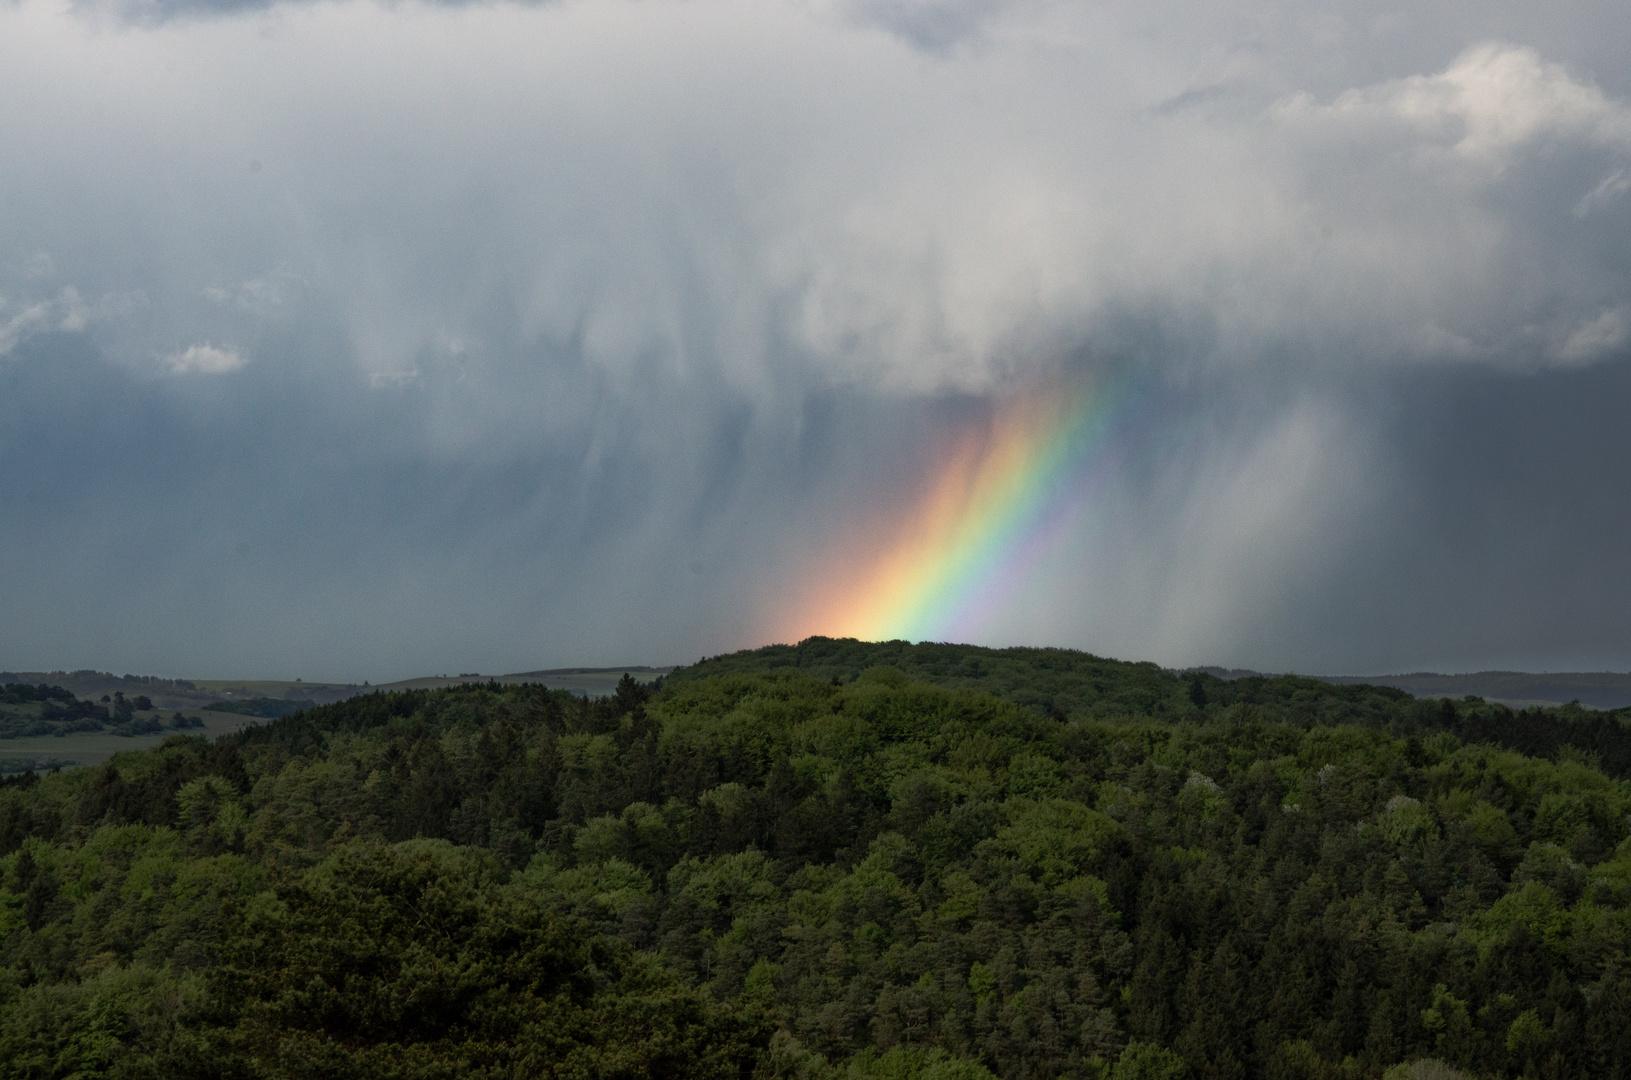 Regen und Regenbogen gehören wohl zusammen